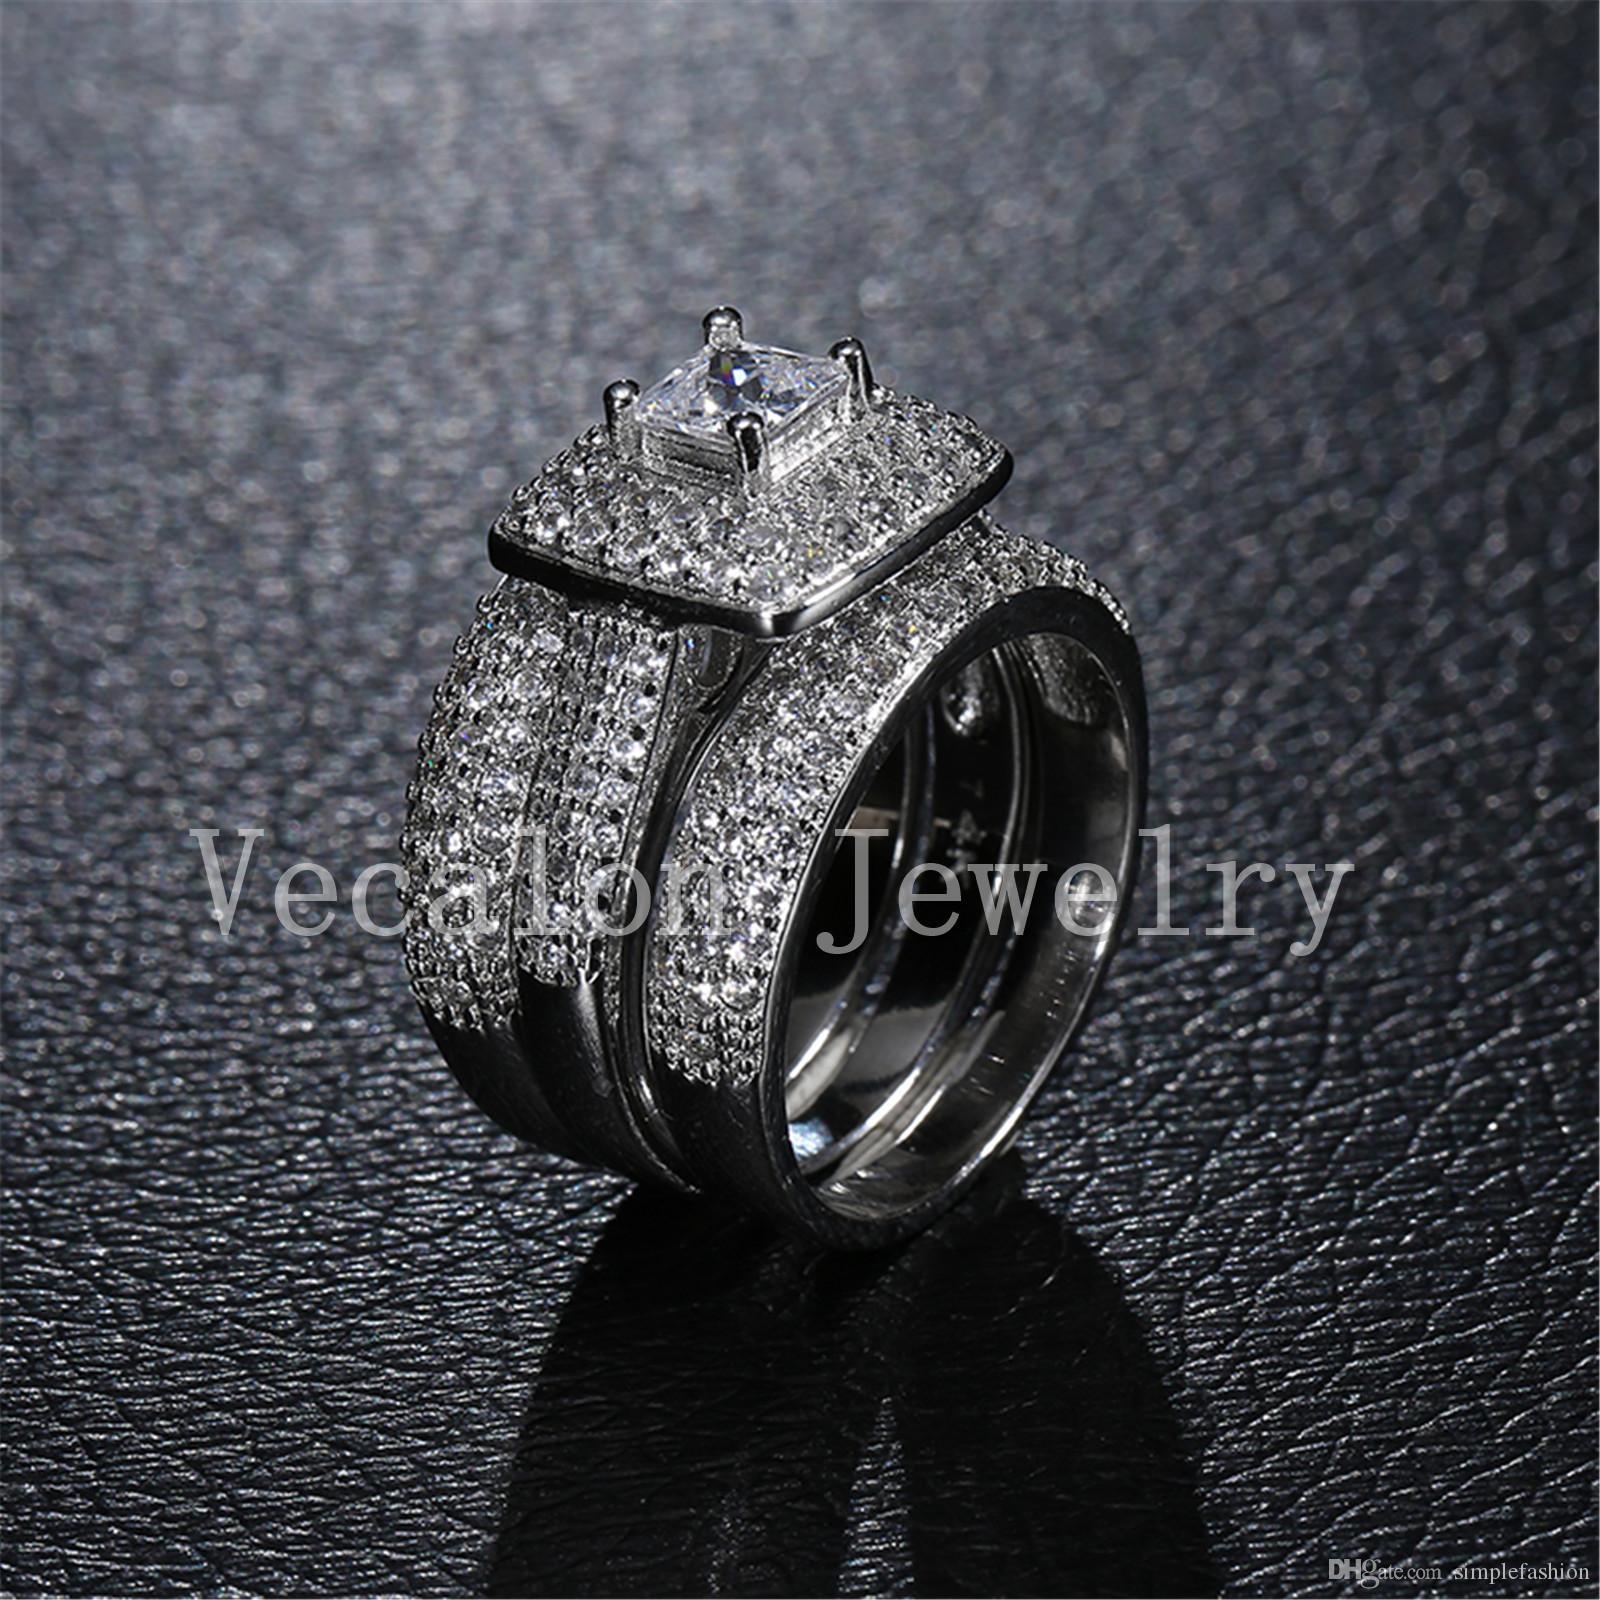 Vecalon توباز مقلد الماس تشيكوسلوفاكيا 14KT الذهب الأبيض معبأ حزام الفرقة مجموعة 3 في 1 خطوبة زفاف للمرأة سهير محمد 5-11